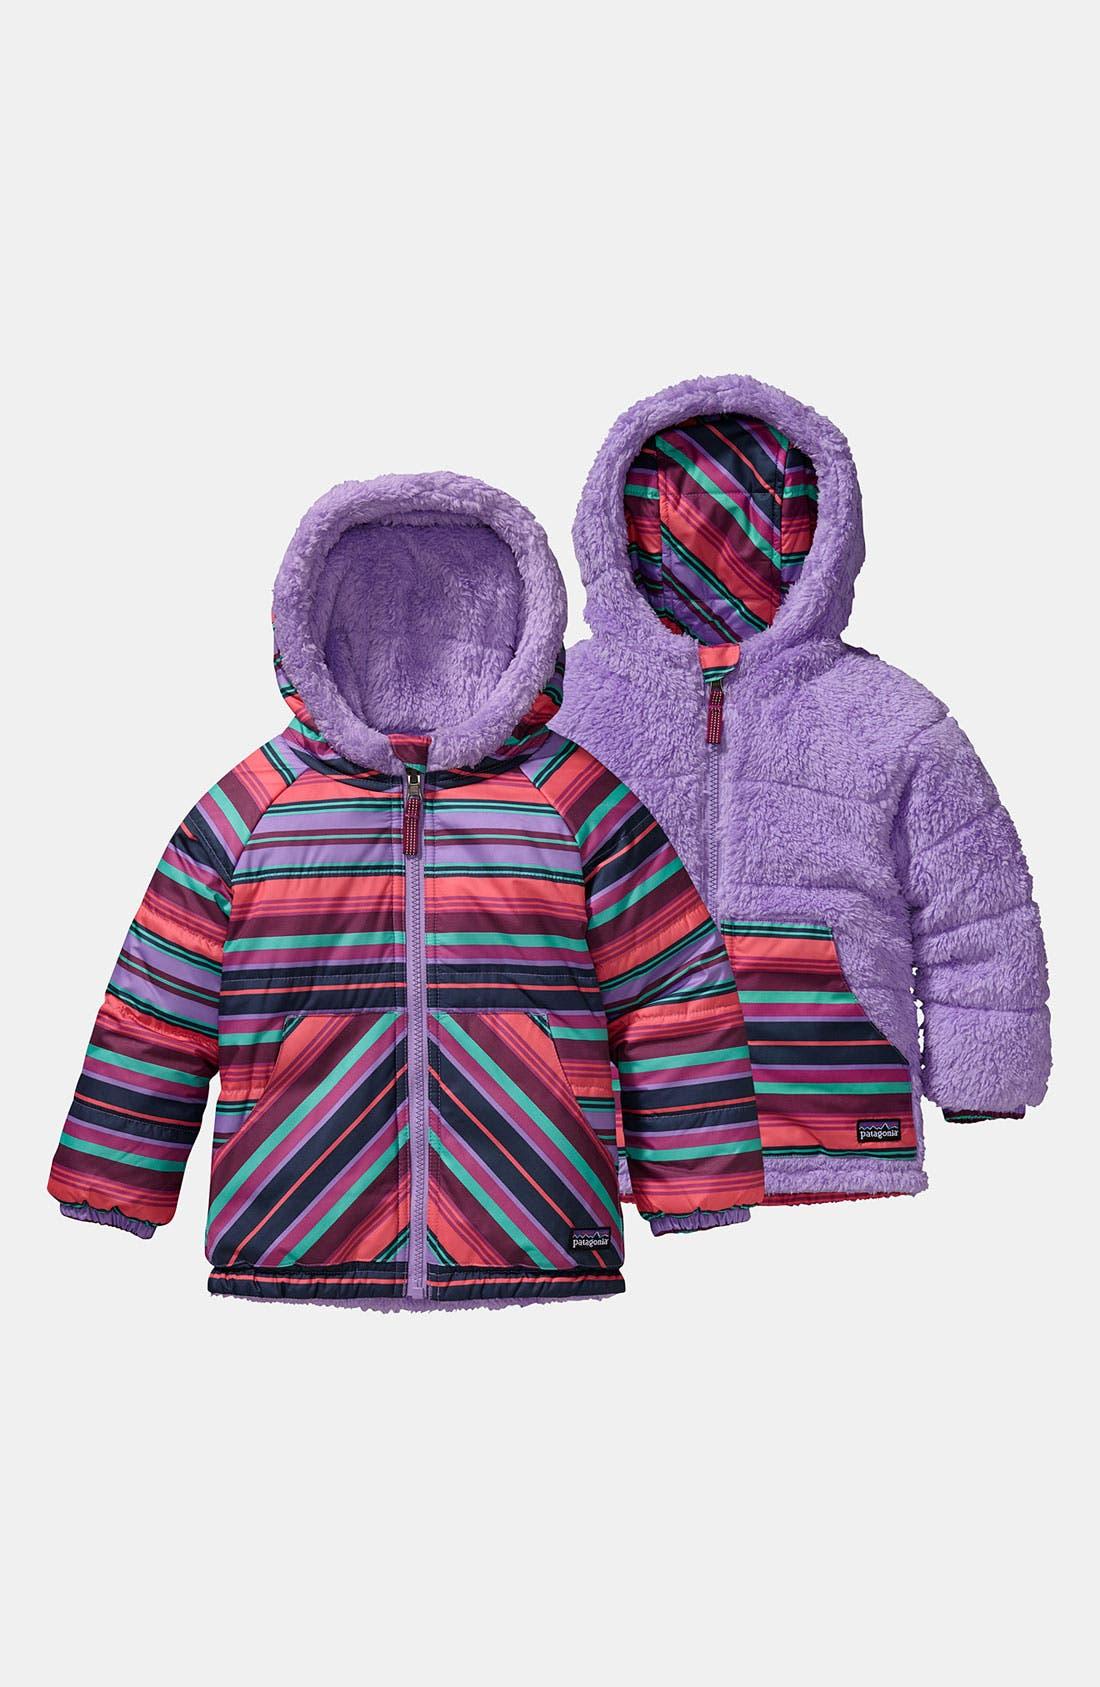 Alternate Image 1 Selected - Patagonia Reversible Jacket (Baby Girls)